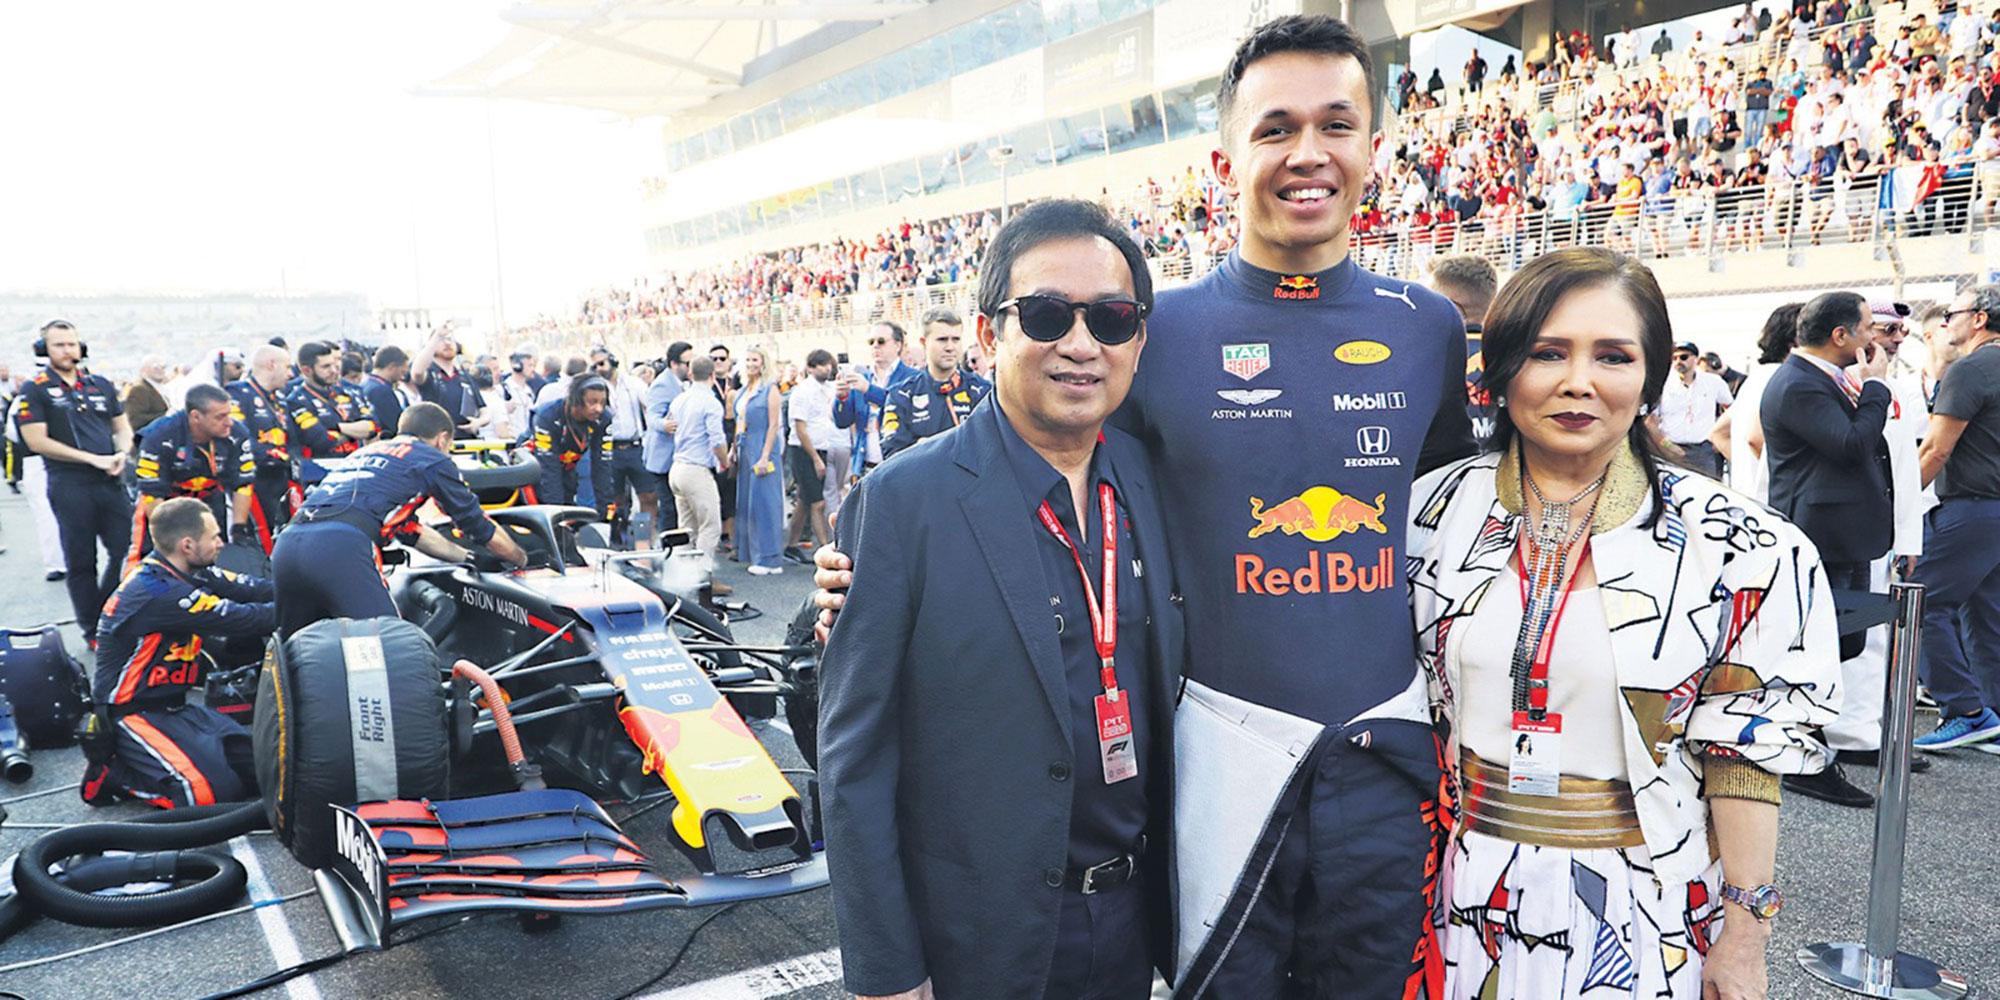 Derrière les canettes de Red Bull, le culte du secret d'un groupe thaïlandais